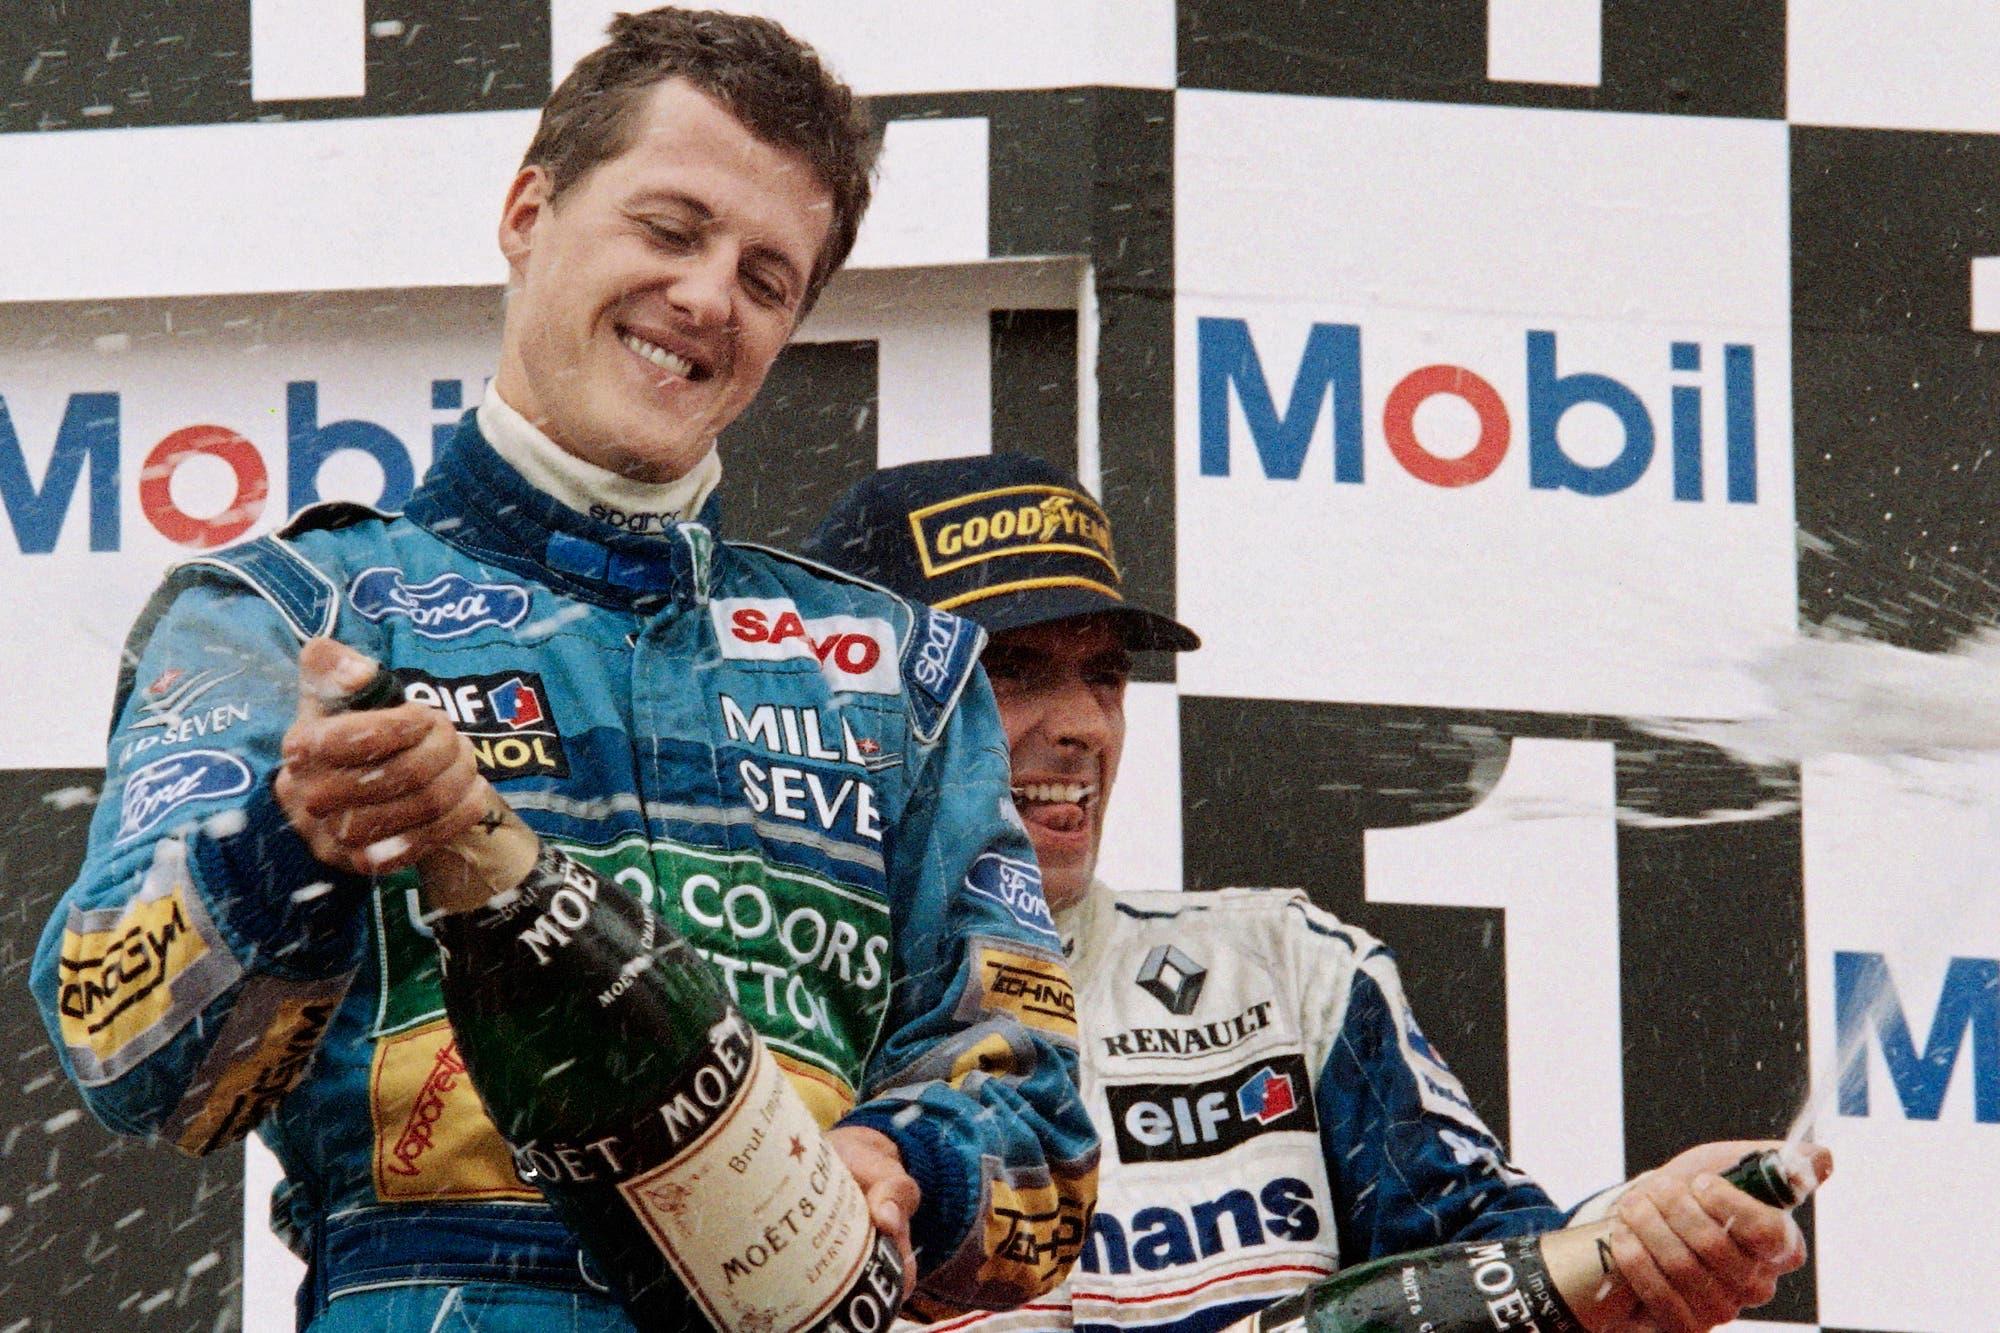 El día que cambió la historia de la Fórmula 1: a 25 años del primer título mundial de Michael Schumacher